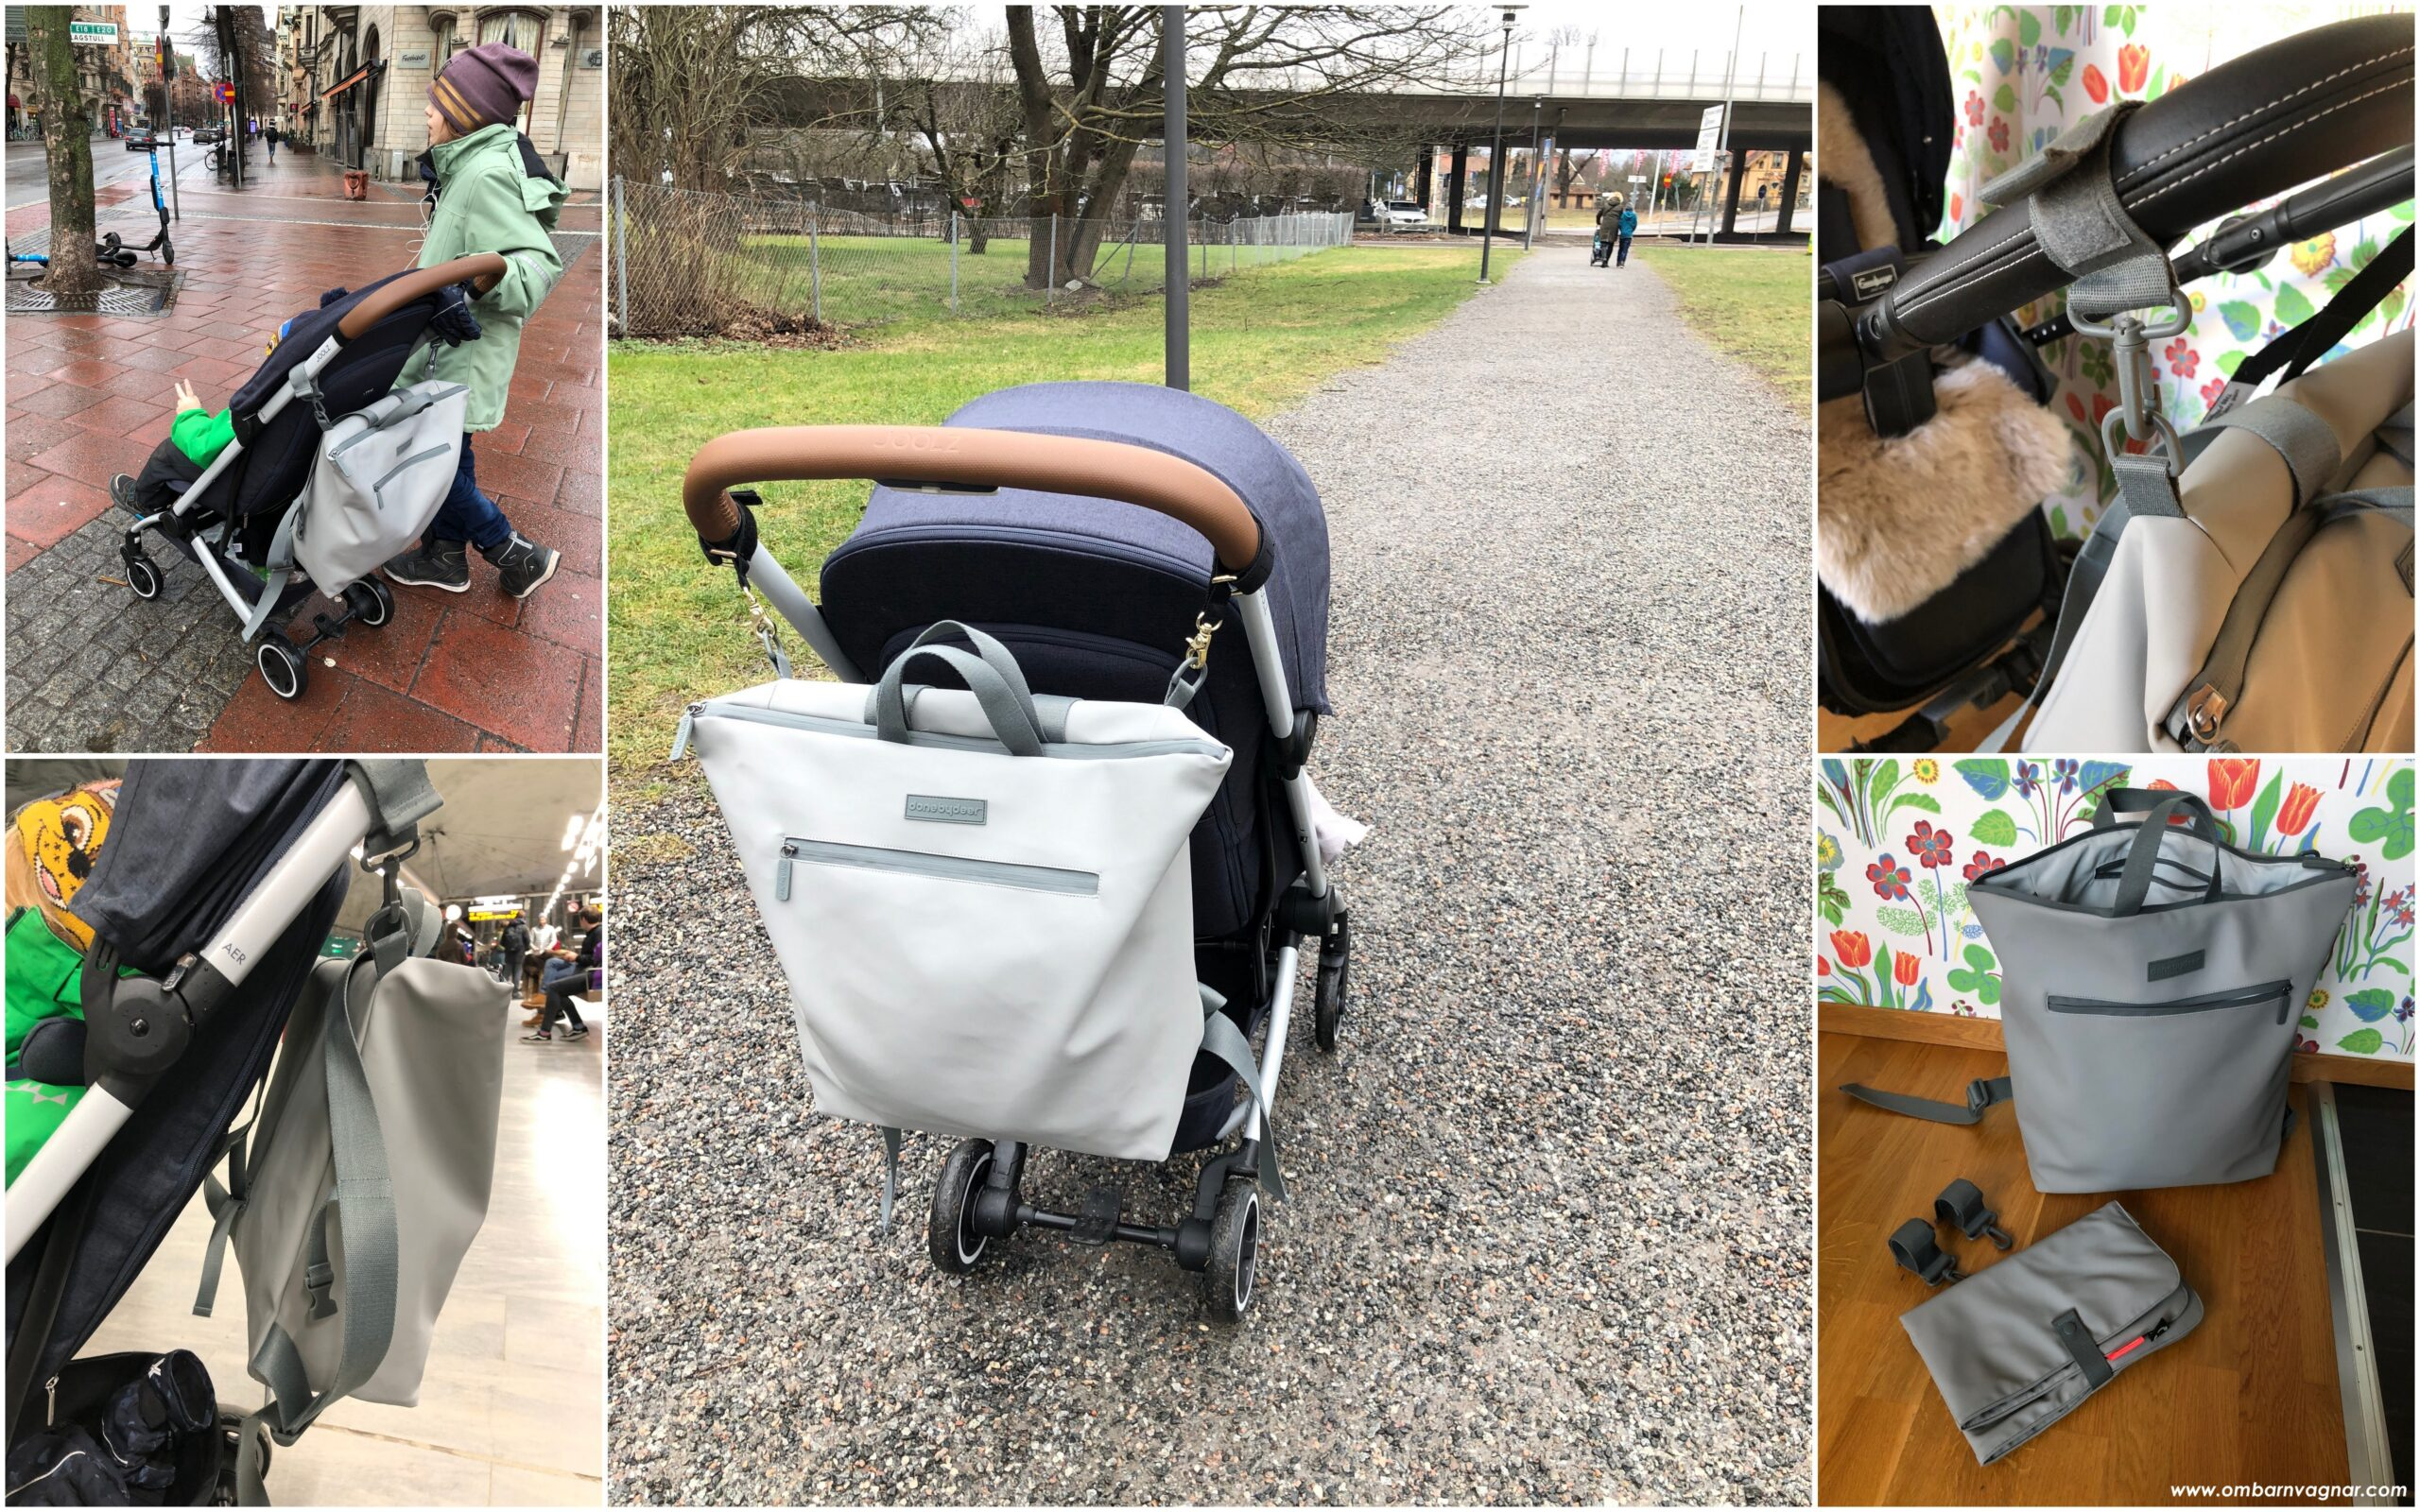 Done By Deer skötväska har separata upphängningskrokar för att fästa väskan på barnvagnen